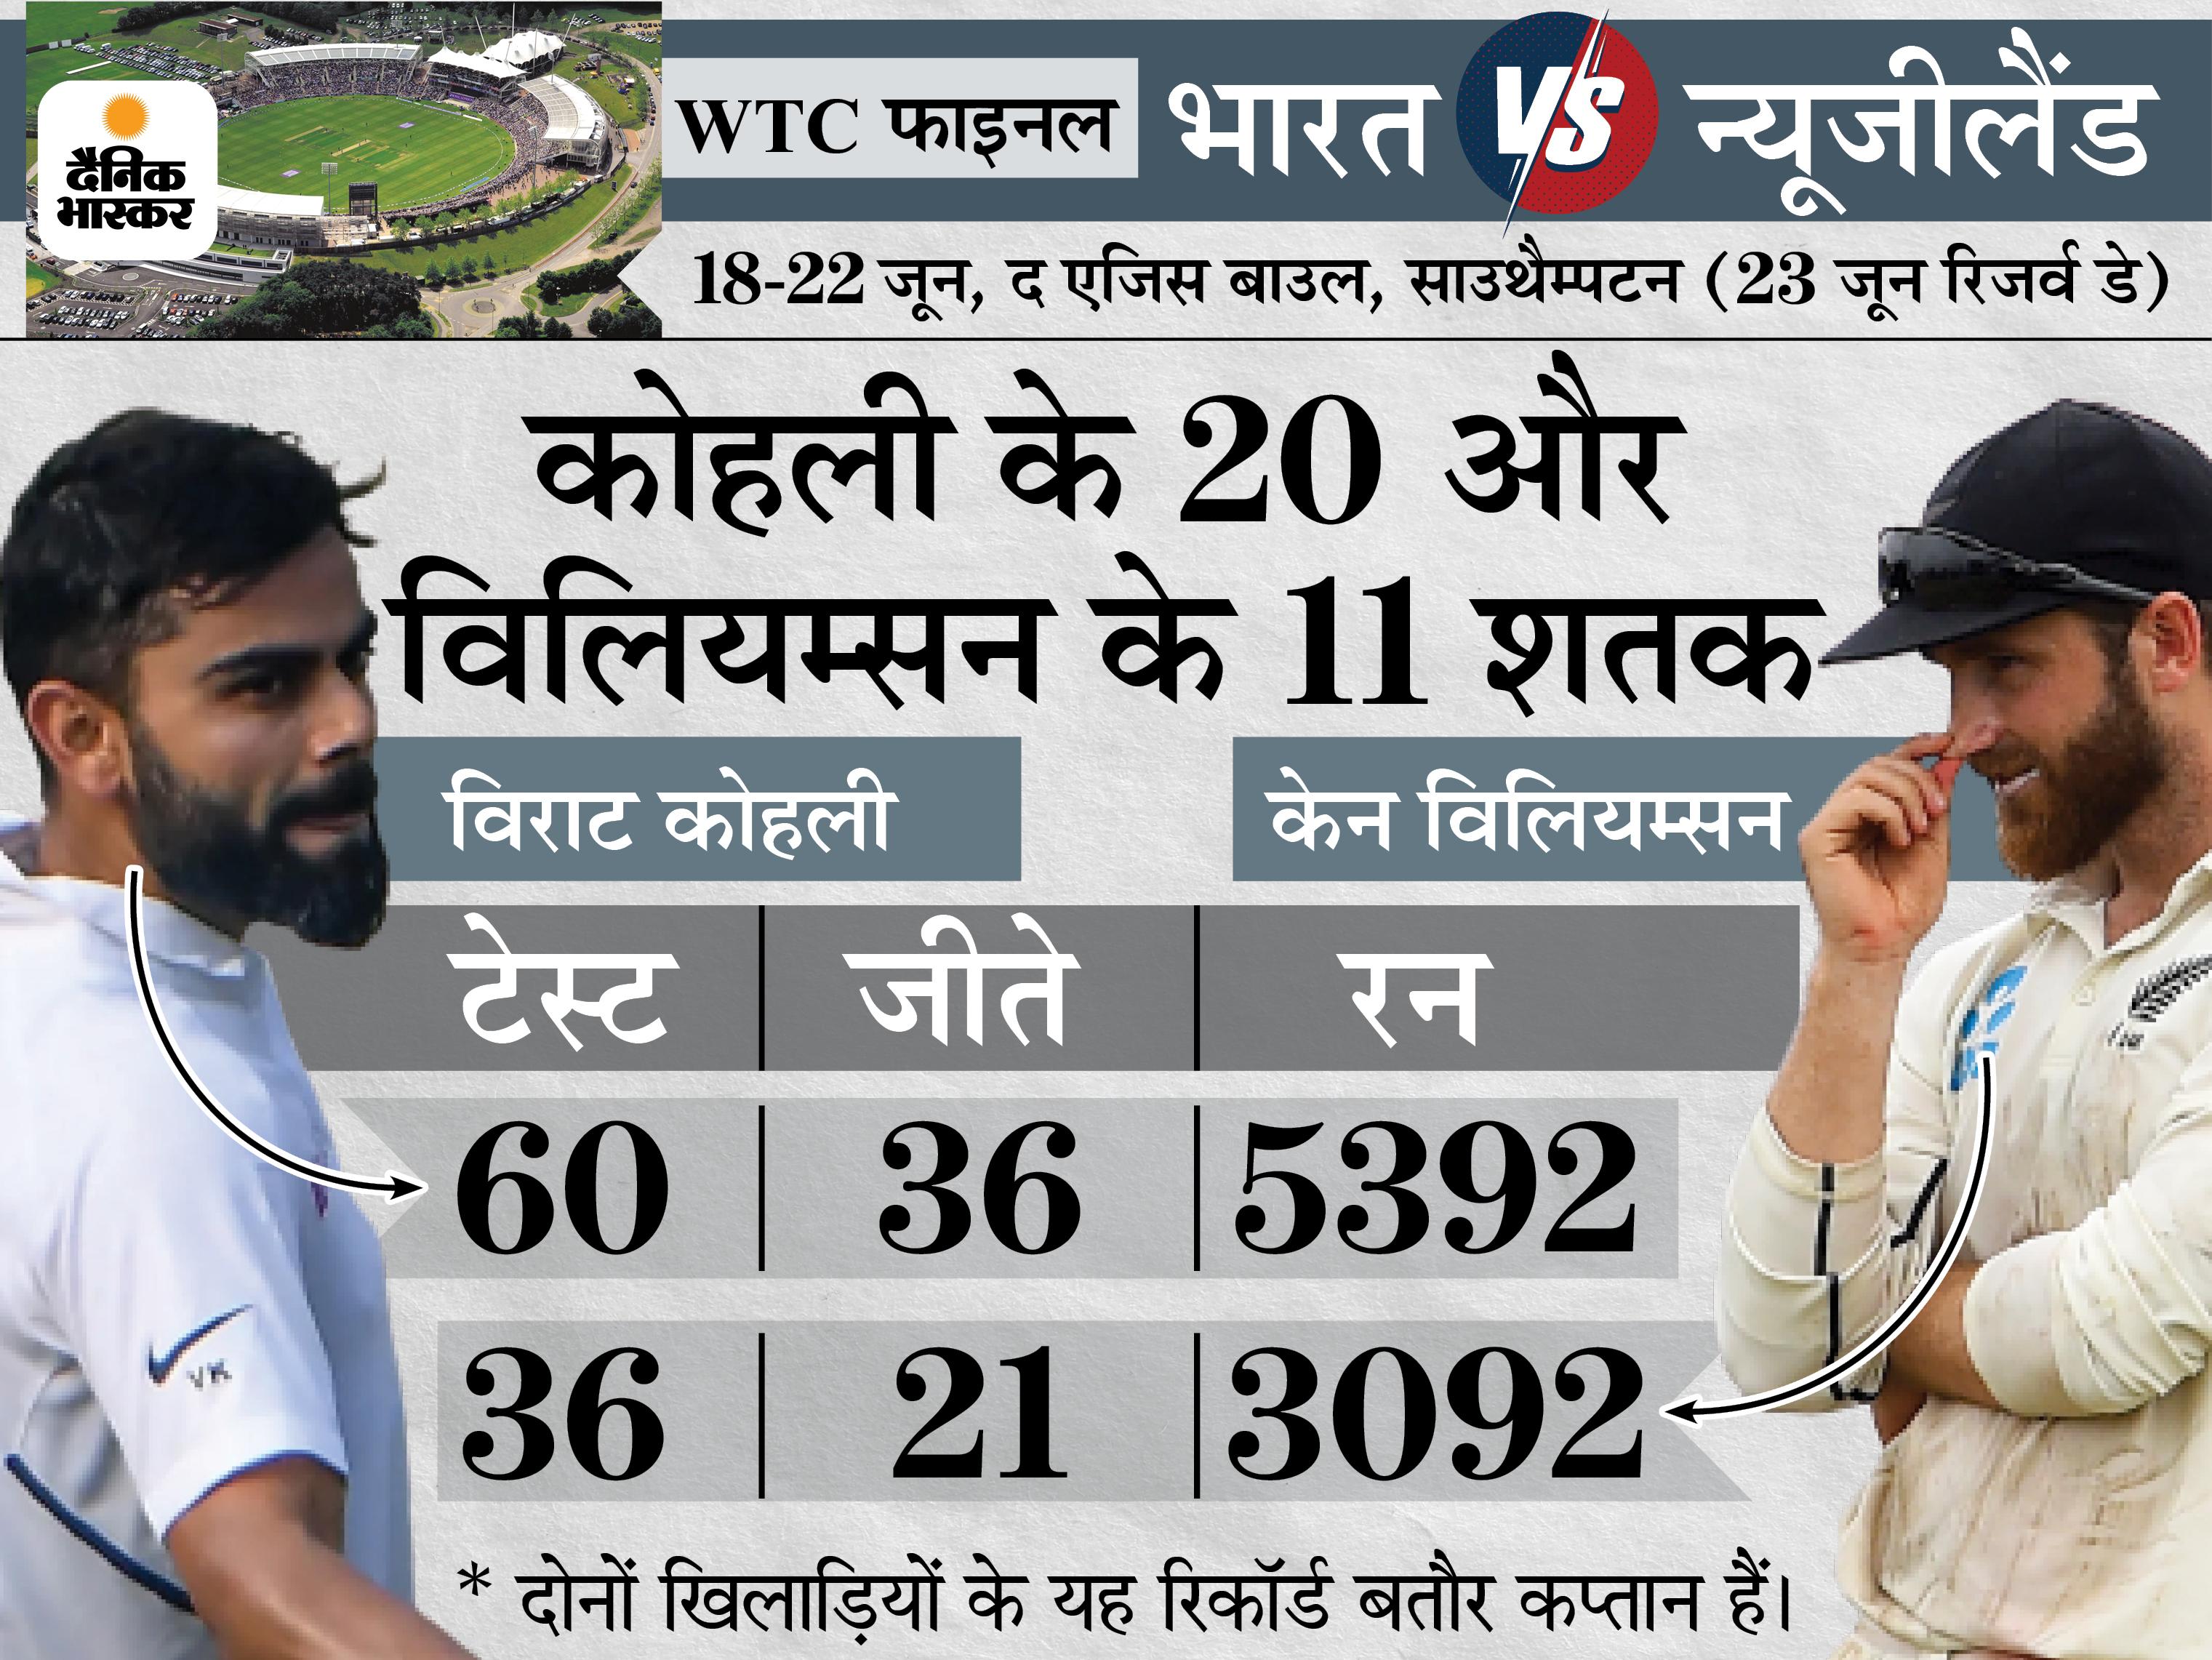 WTC फाइनल से पहले विराट और विलियम्सन की कप्तानी का एनालिसिस, बैटिंग के साथ रणनीति बनाने में भी भारी पड़ते हैं भारतीय कप्तान|क्रिकेट,Cricket - Dainik Bhaskar